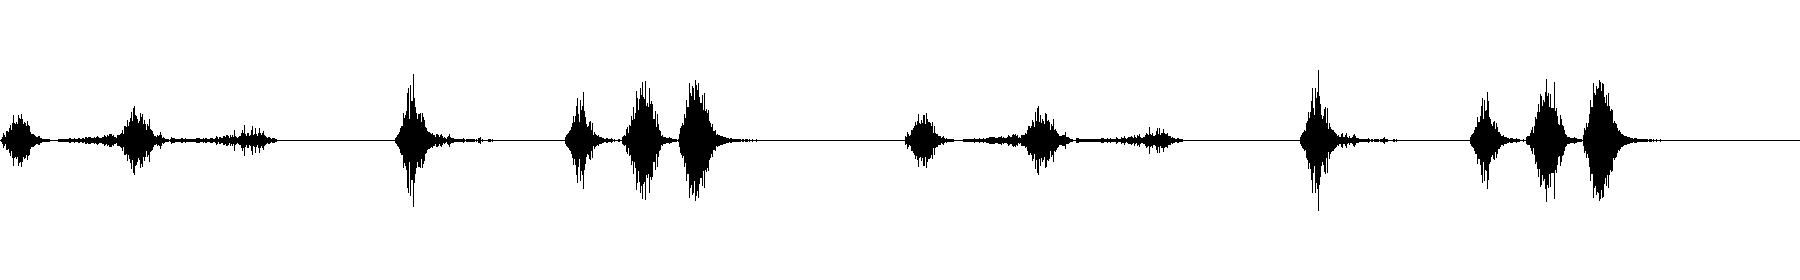 ehp drloop 130 filteredshake